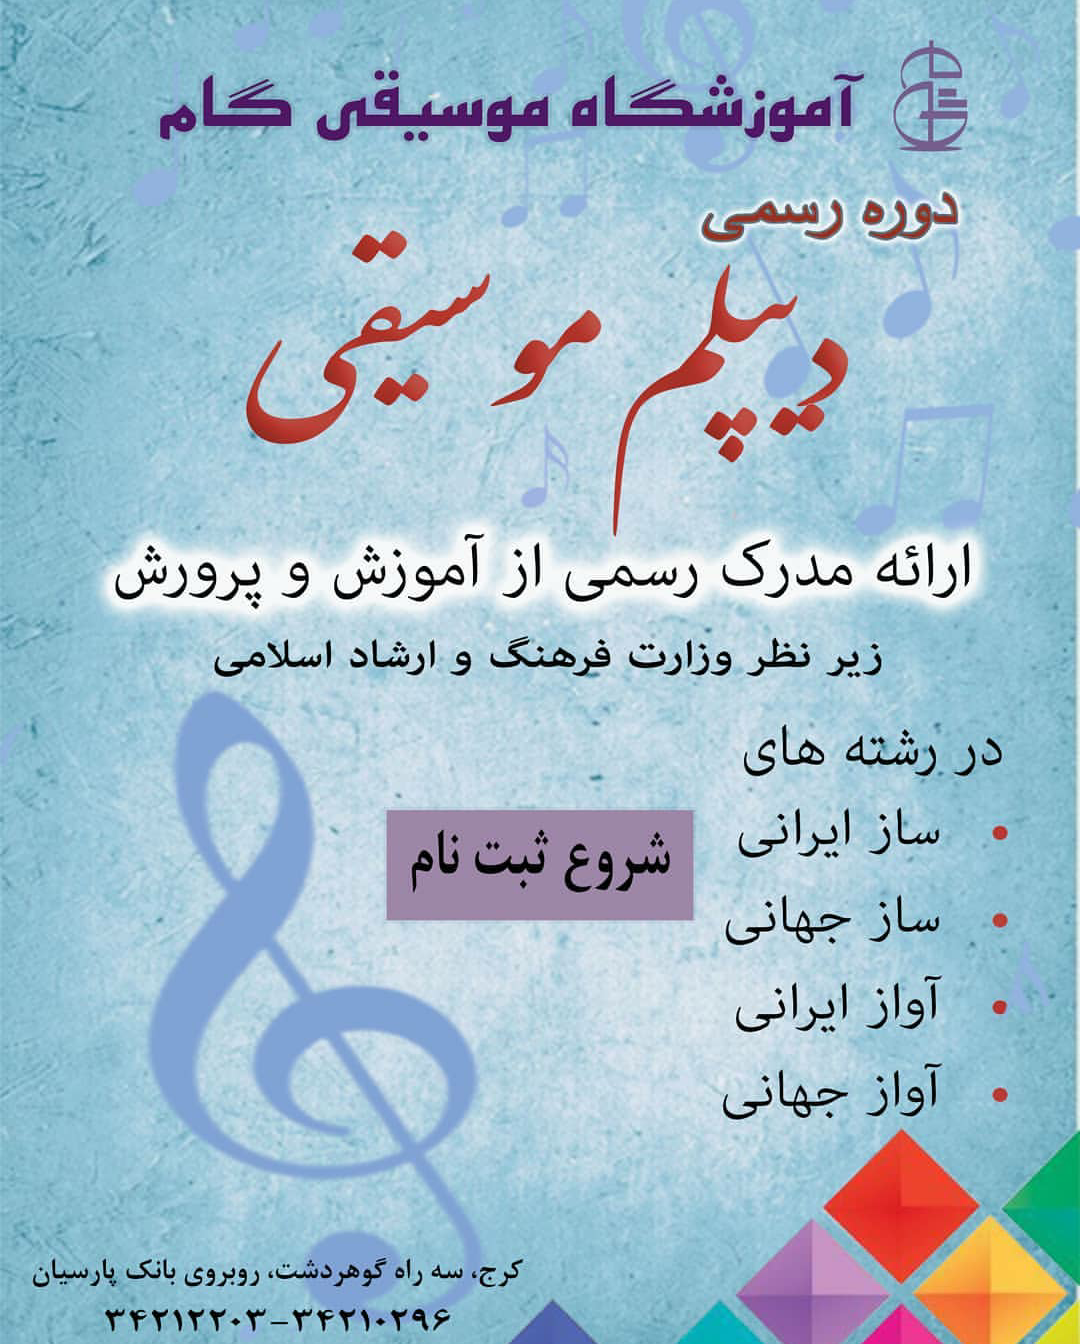 دوره رسمی دیپلم موسیقی